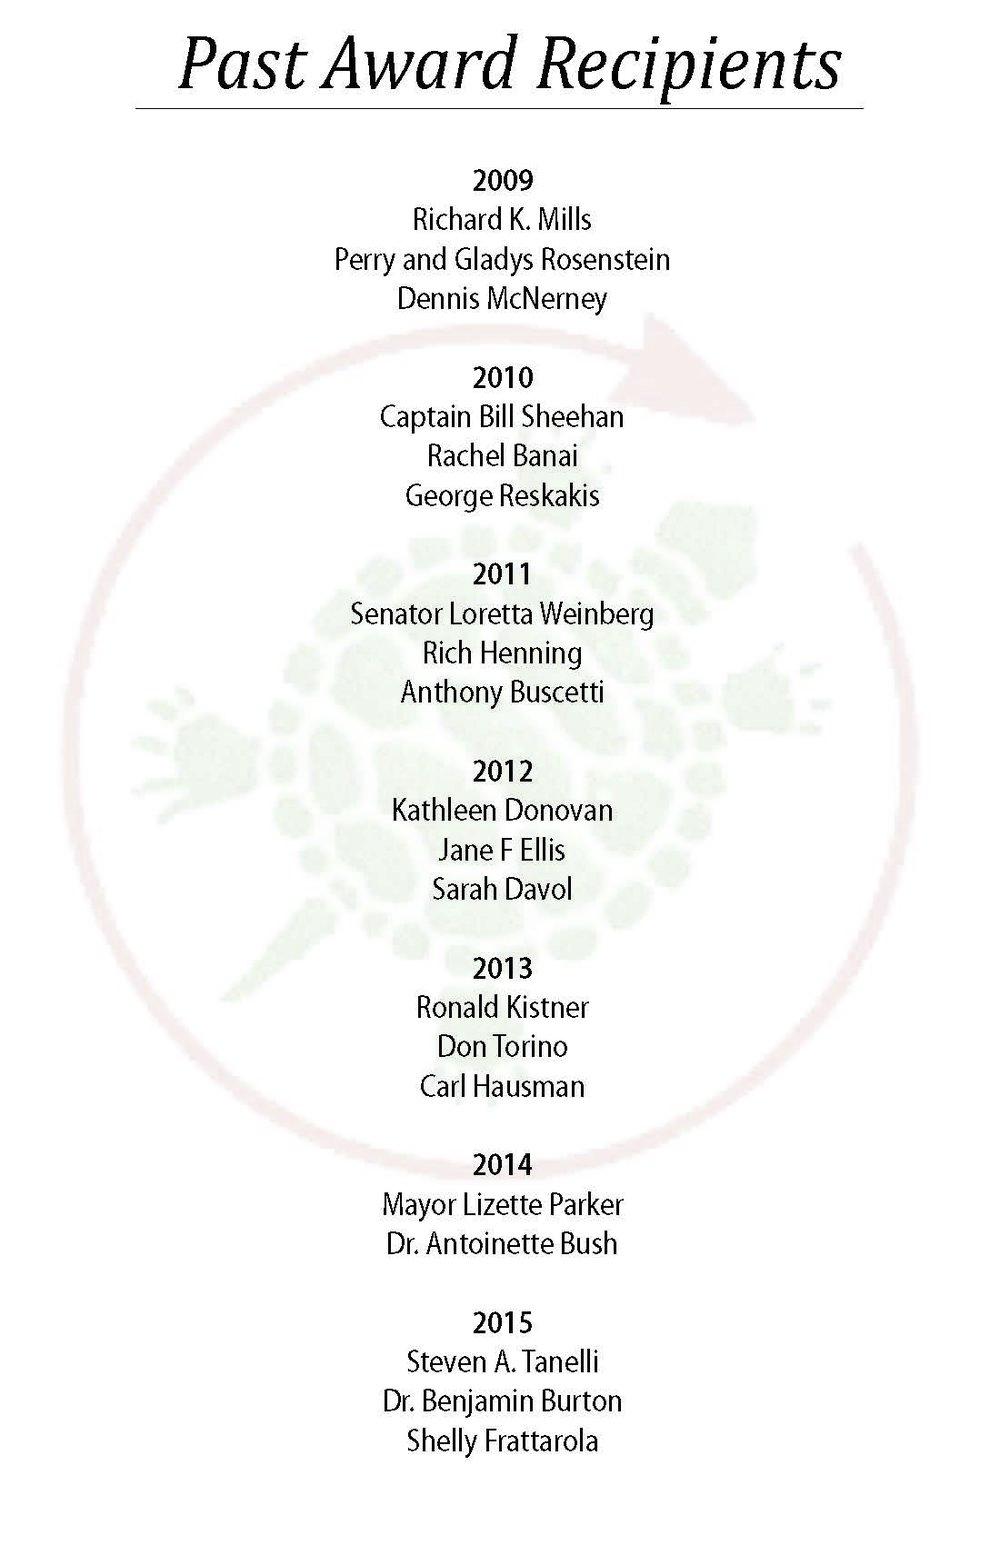 Past Recipients